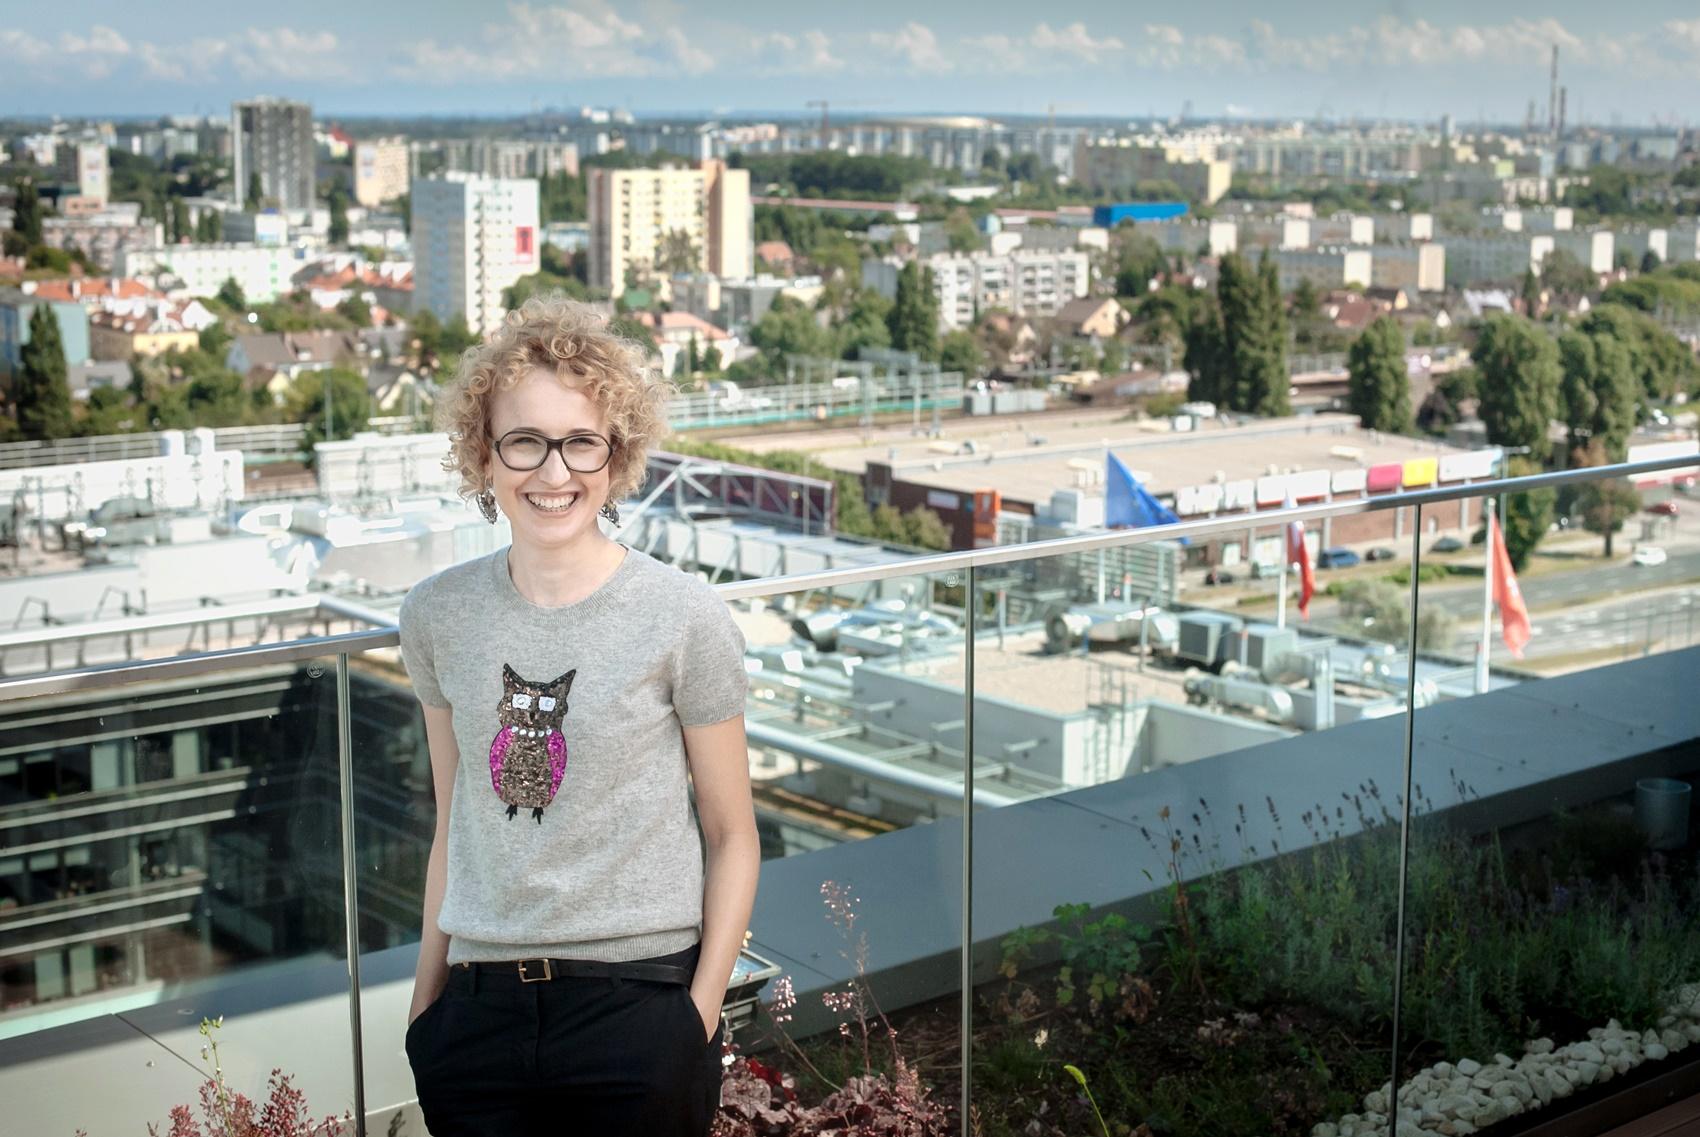 Natalia Hatalska